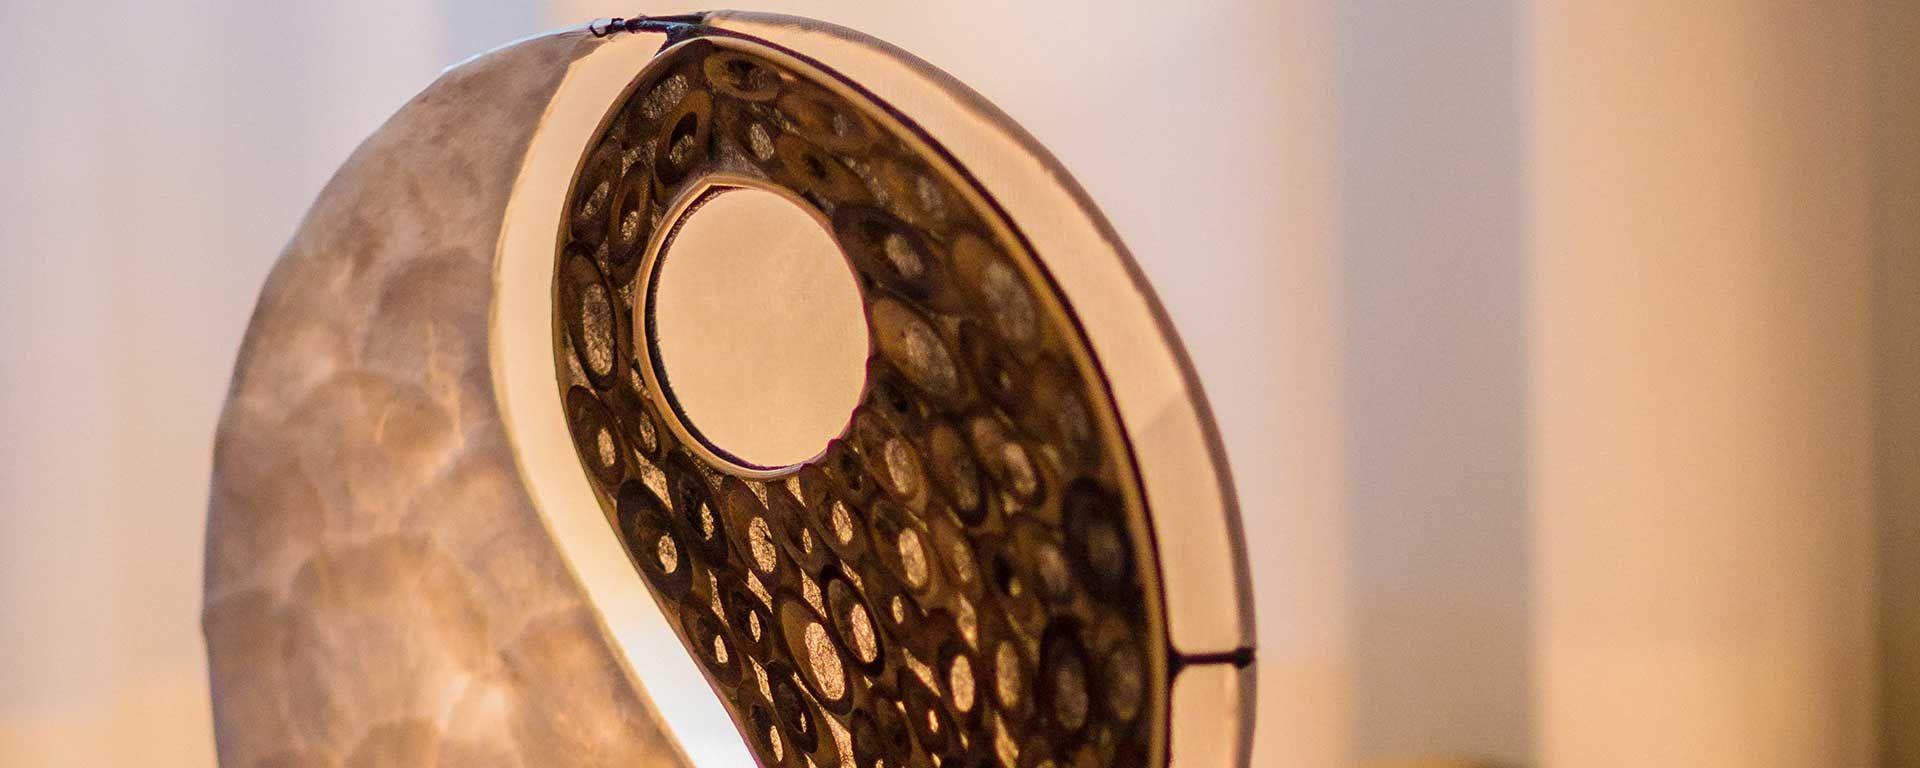 Lampe in Raum für Physiokey Chemnitz